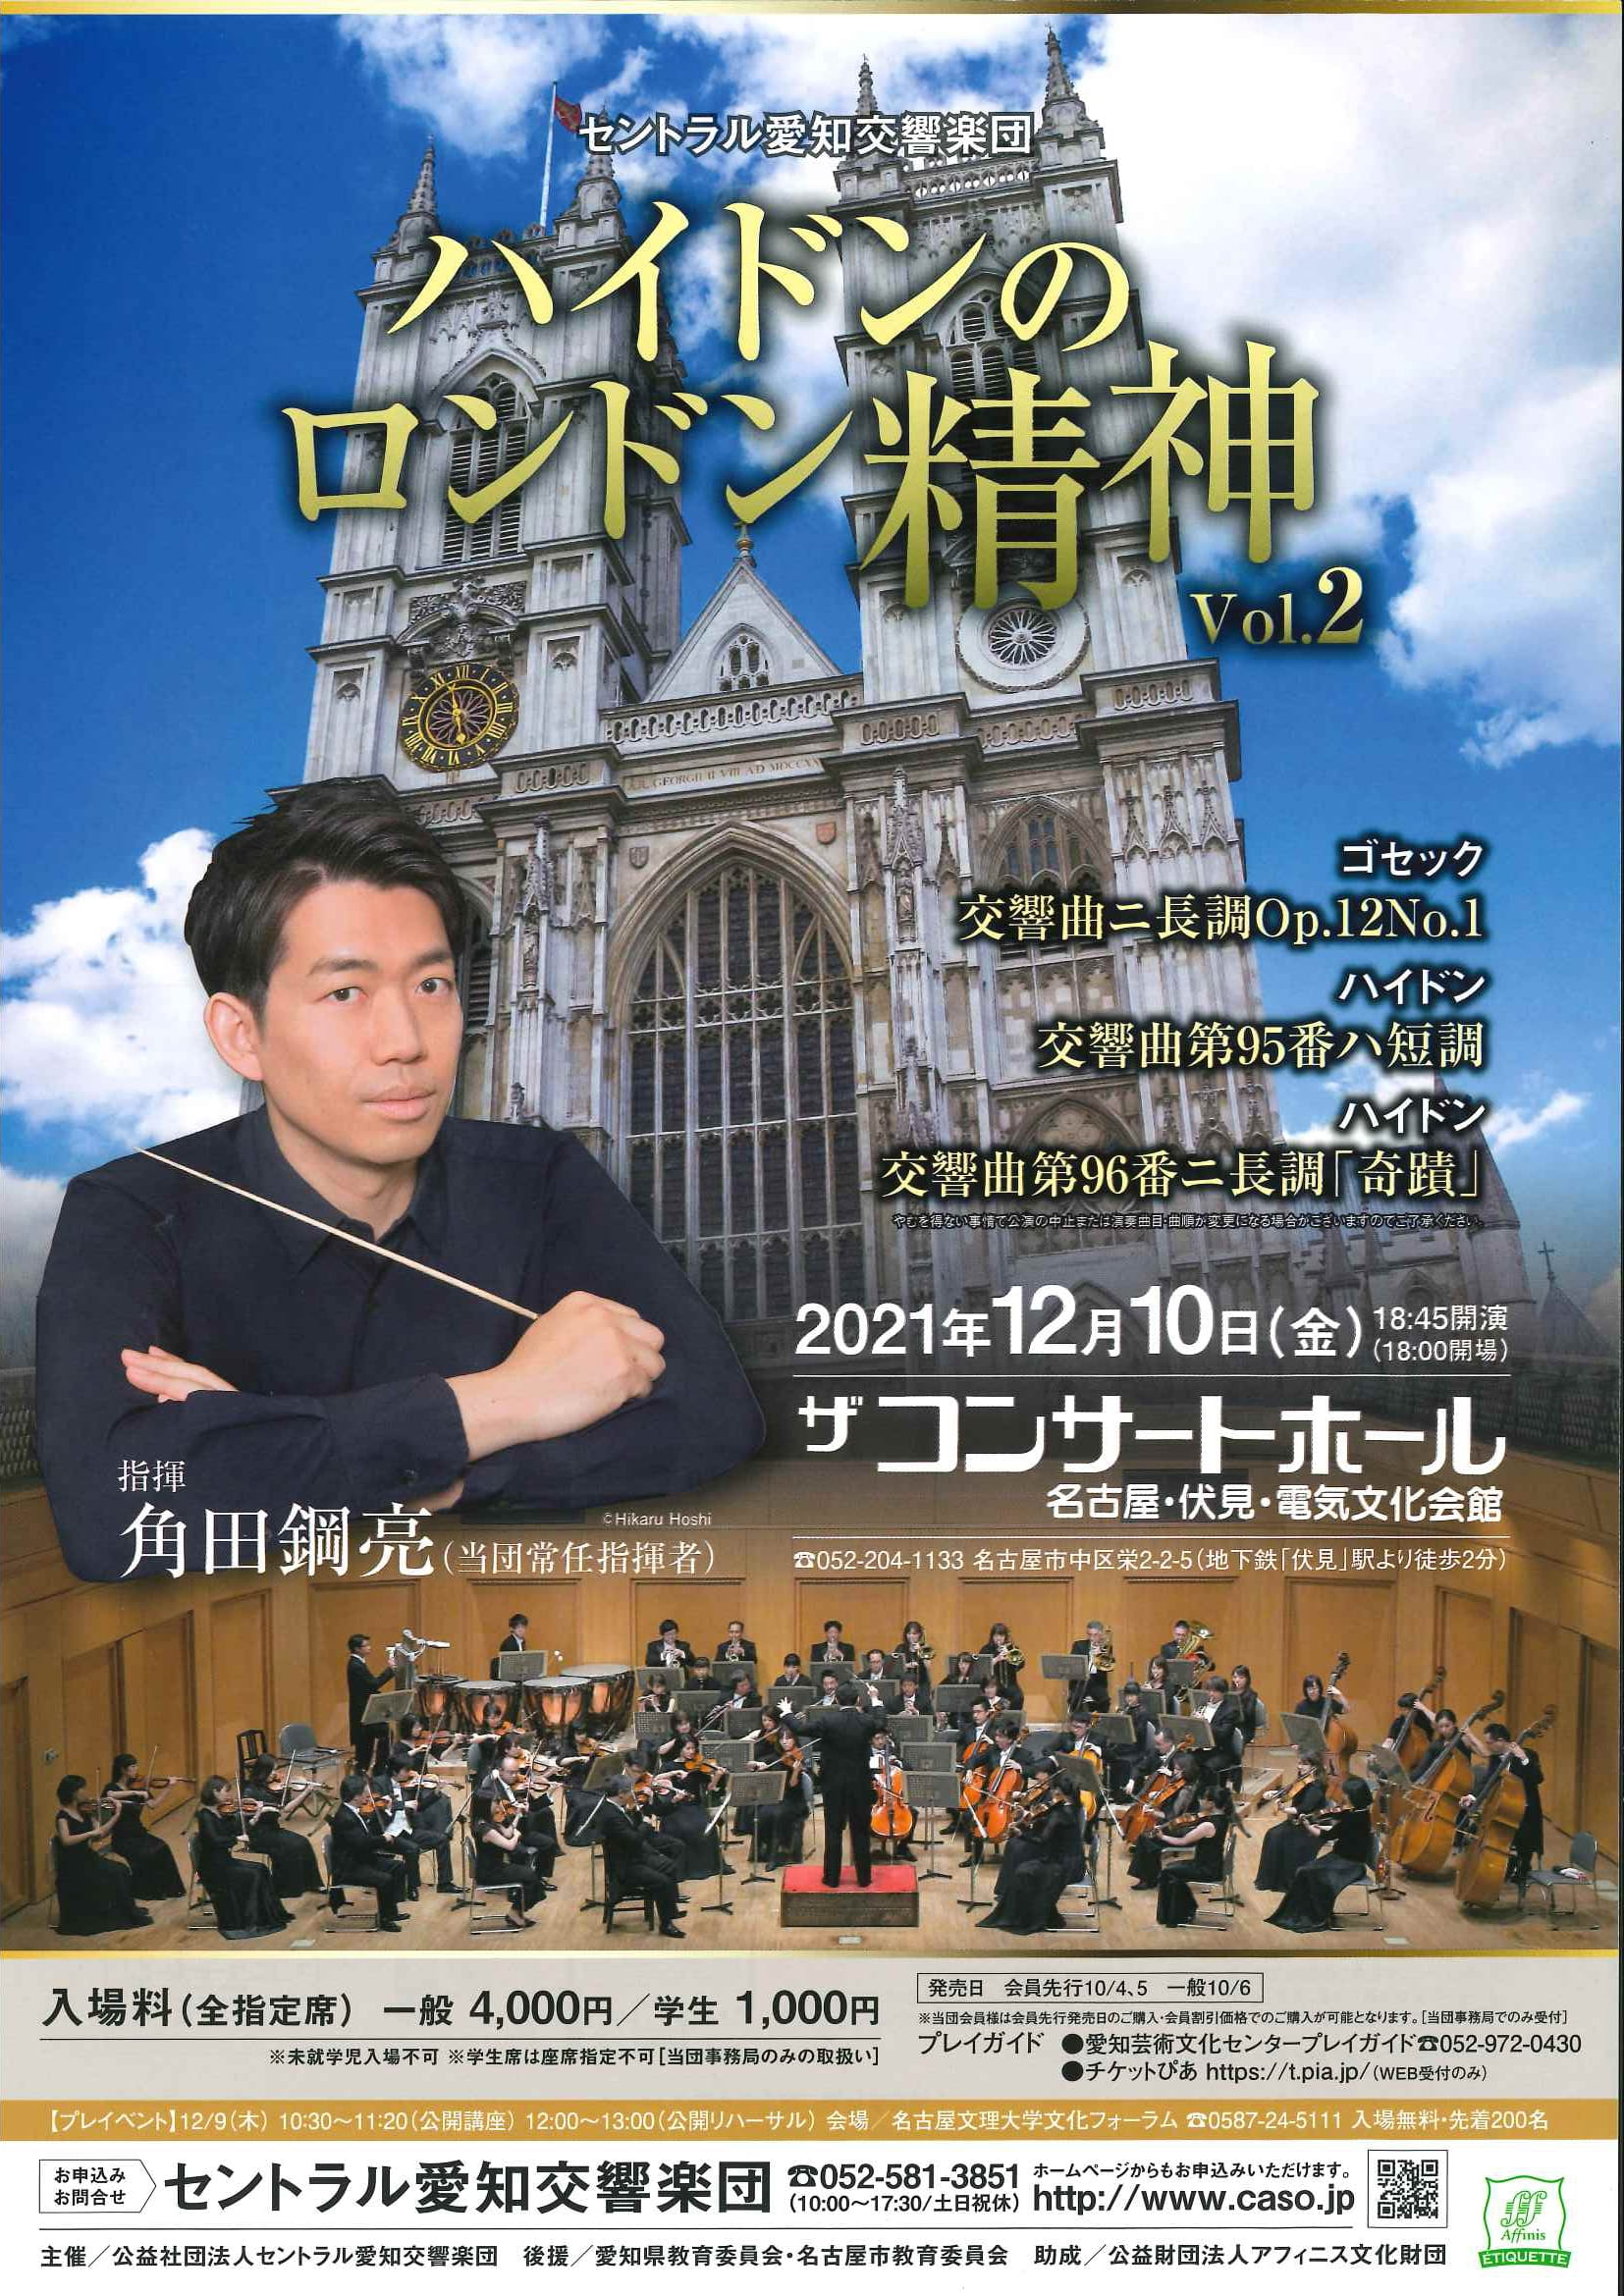 セントラル愛知交響楽団「ハイドンのロンドン精神」Vol.2